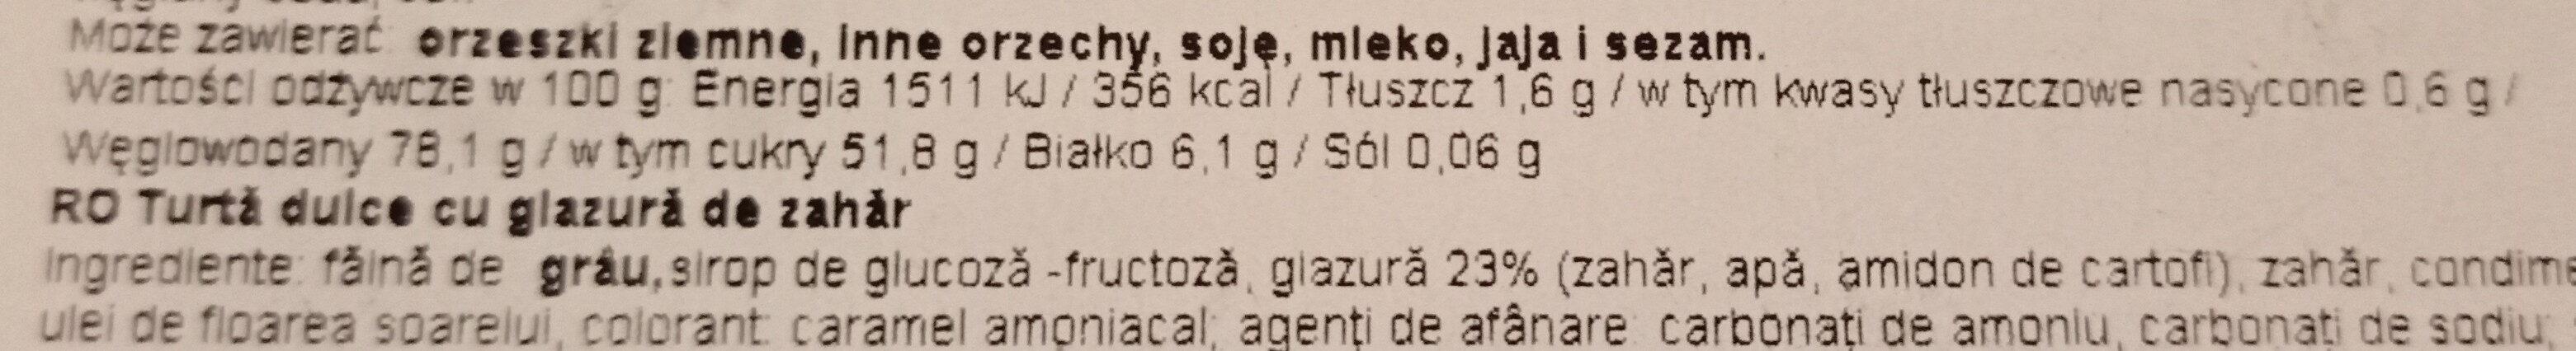 piekarniki lukrowane - Wartości odżywcze - pl